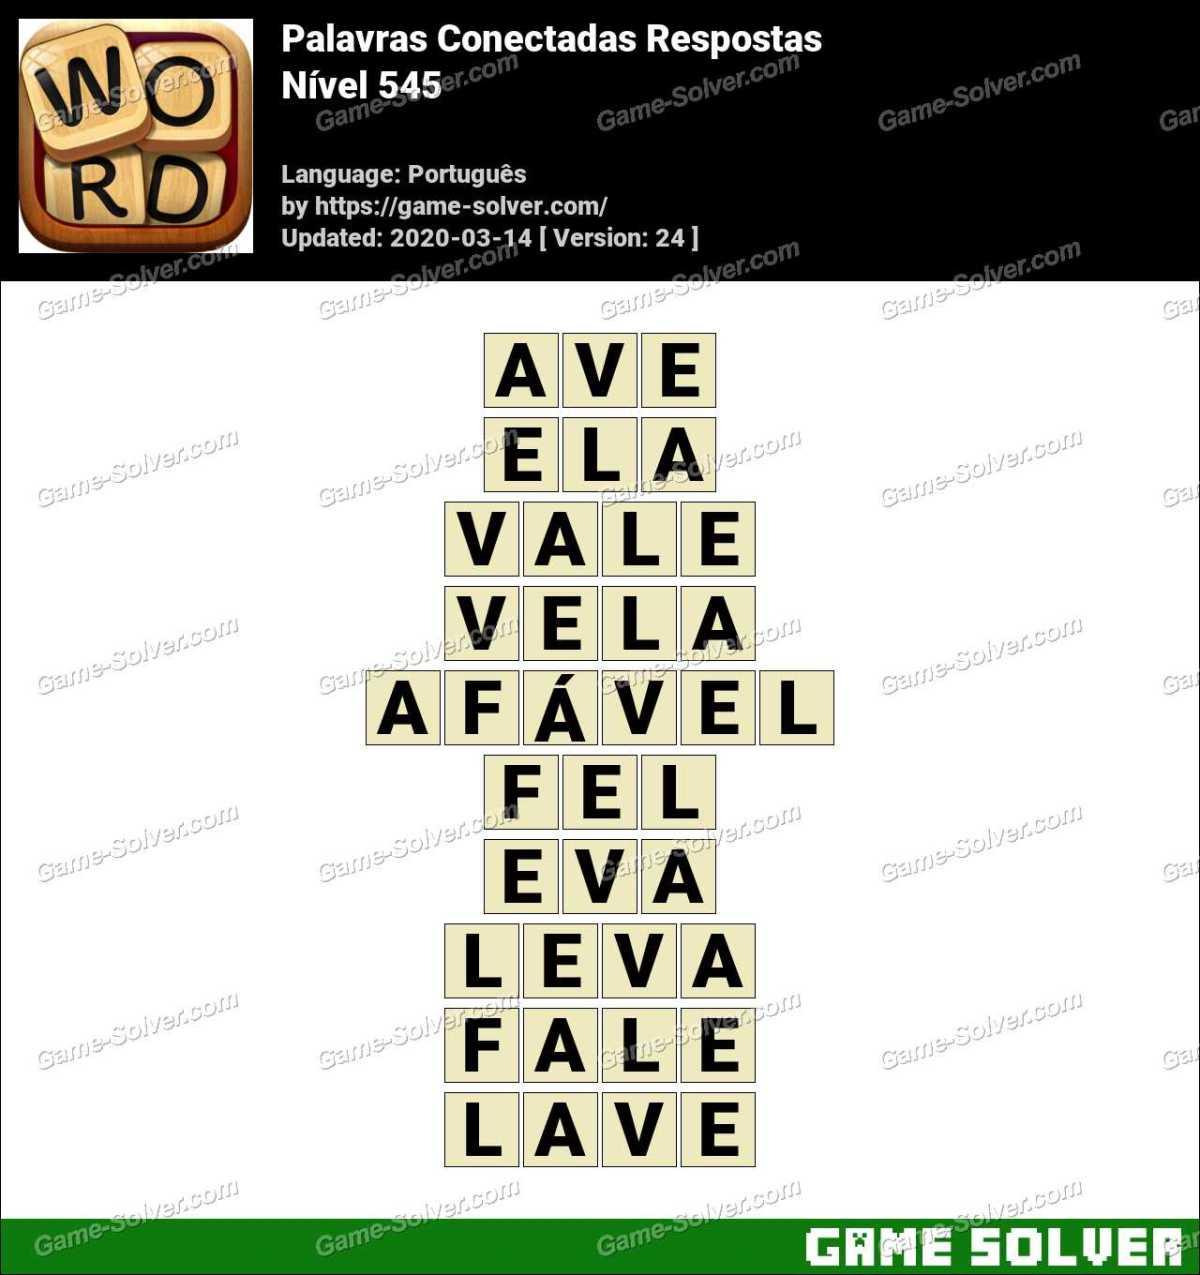 Palavras Conectadas Nivel 545 Respostas